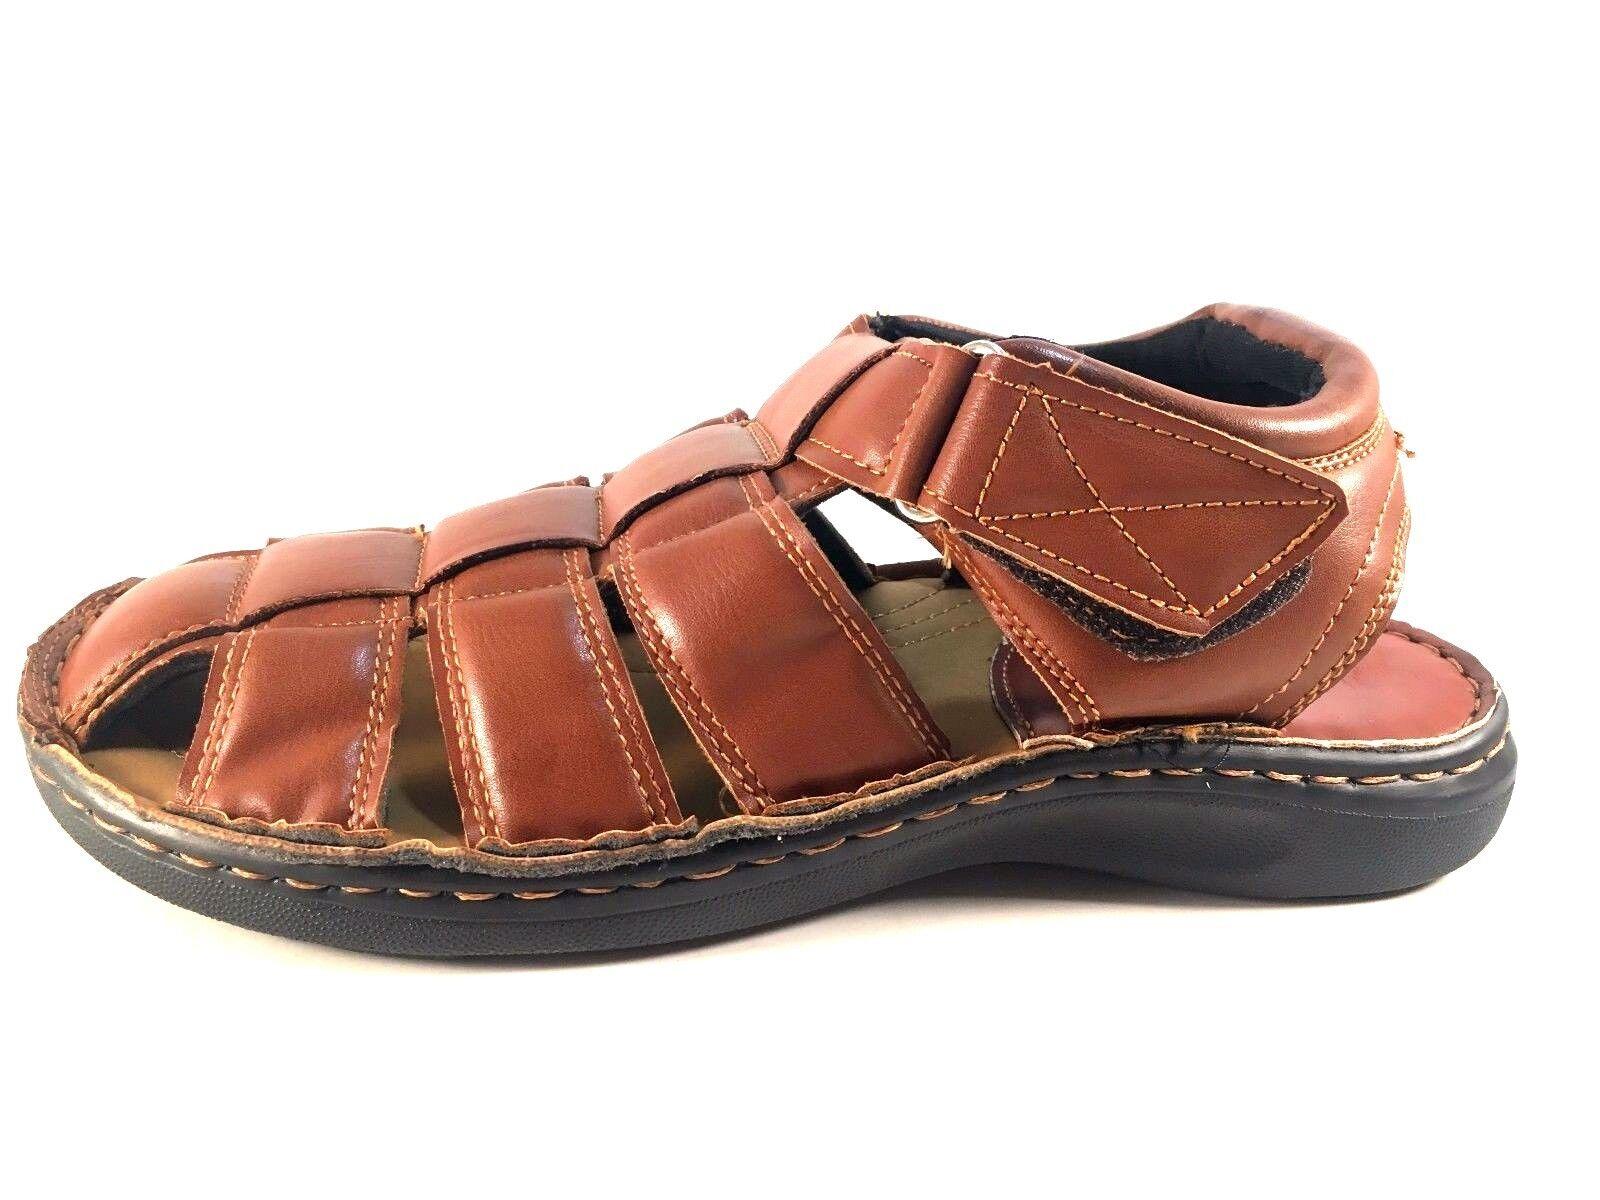 Eurbak 1532 Toe Men's Closed Toe 1532 Sandals Choose Sz/Color 40ccad